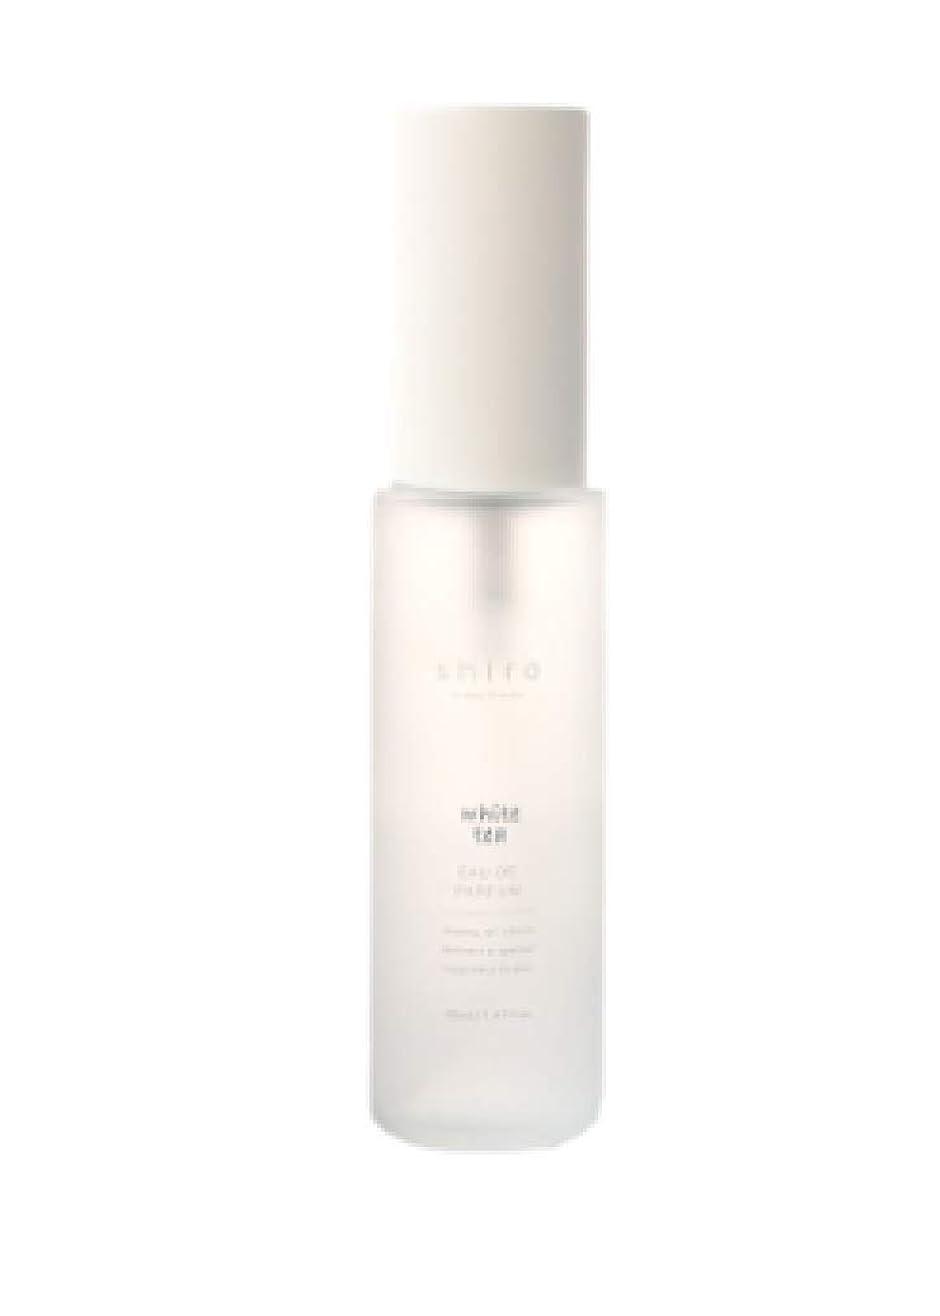 中広く作りますshiro シロ ホワイトティー オードパルファン 香水 40ml (長時間持続)ギフト包装品 ショップバッグ付